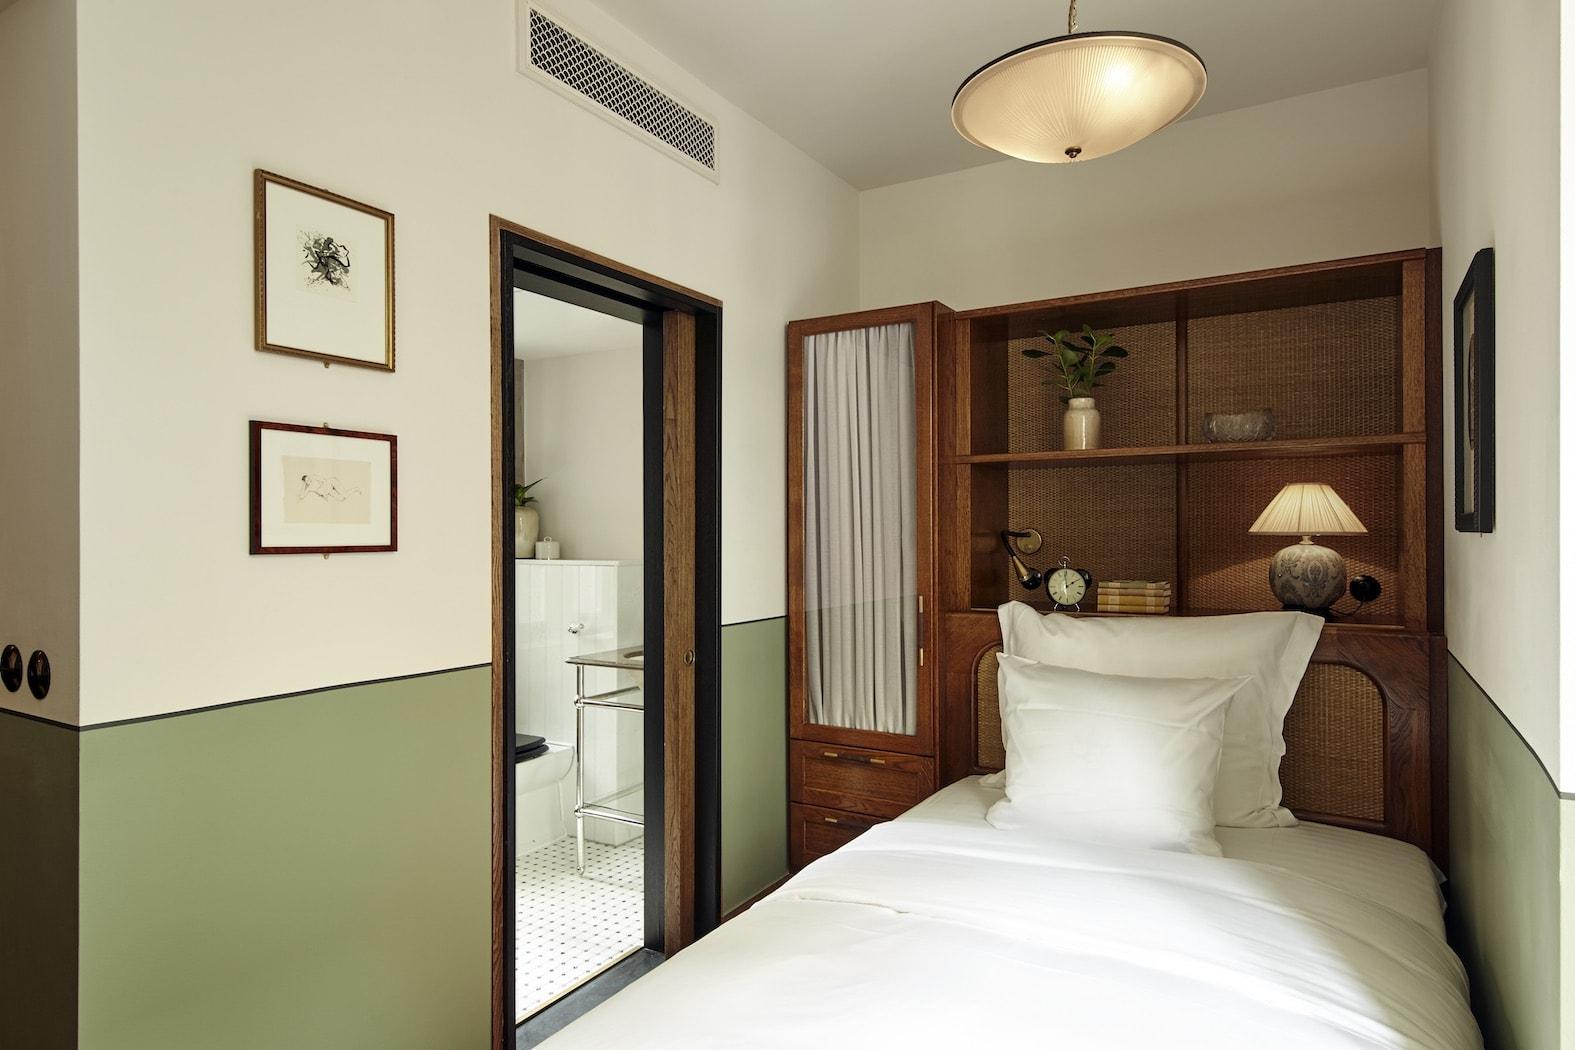 Hotel Stay Kopenhagen : Rooms hotel sanders